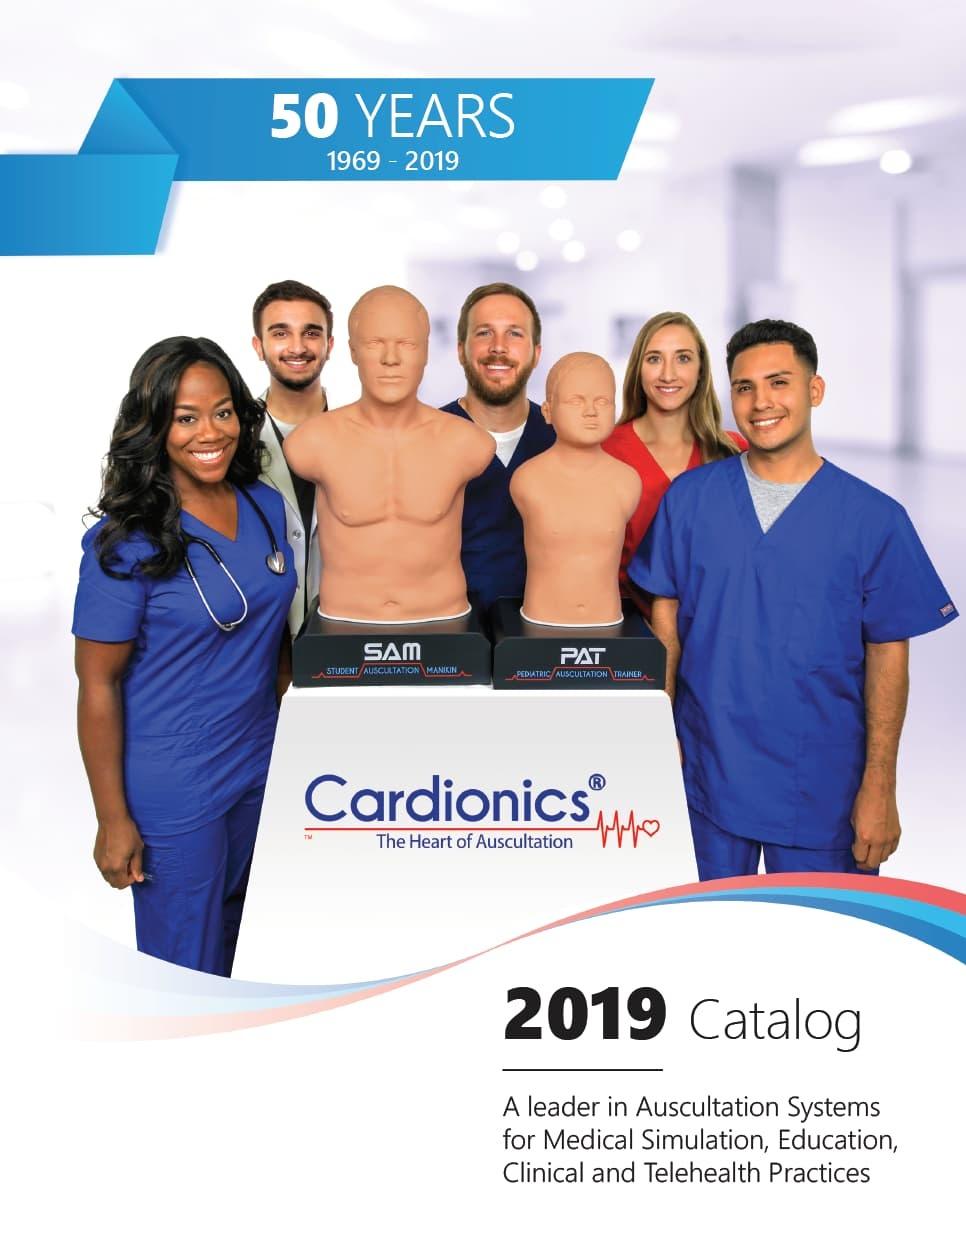 Cardionics+2019+Catalog